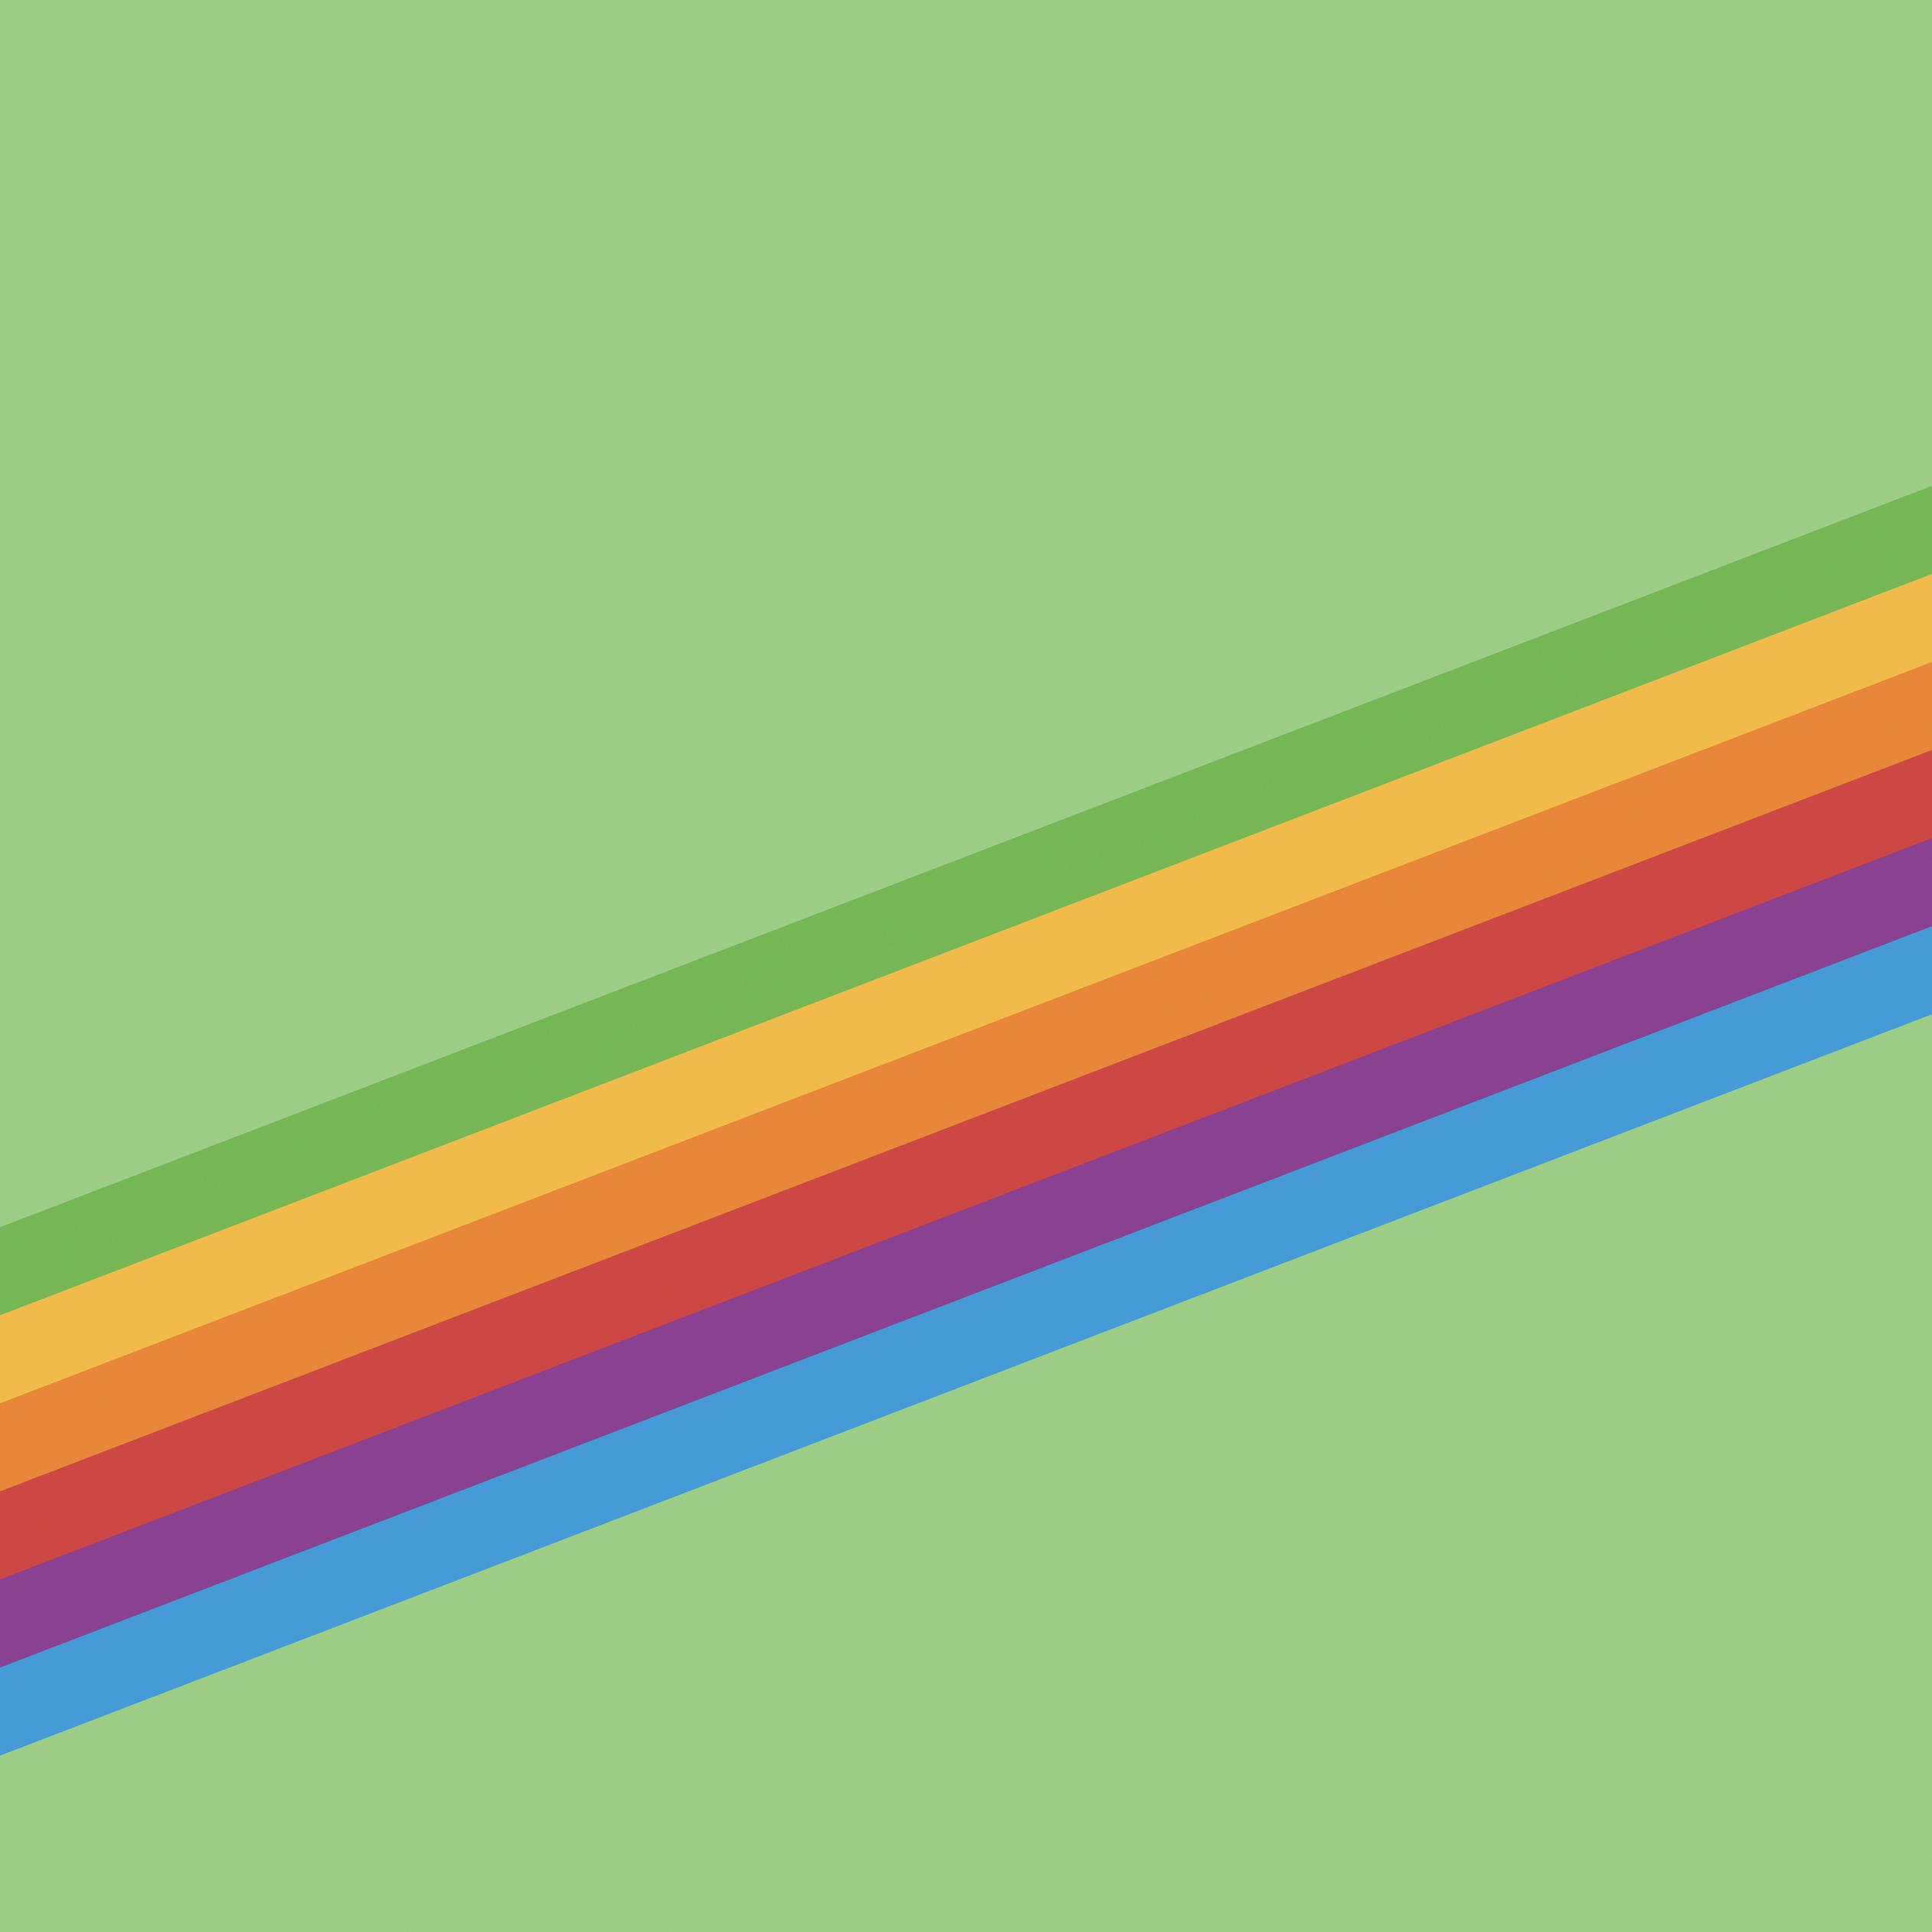 Heritage Stripe Green iOS 11 GM iPad wallpapers - Trọn bộ hình nền mới của iOS 11